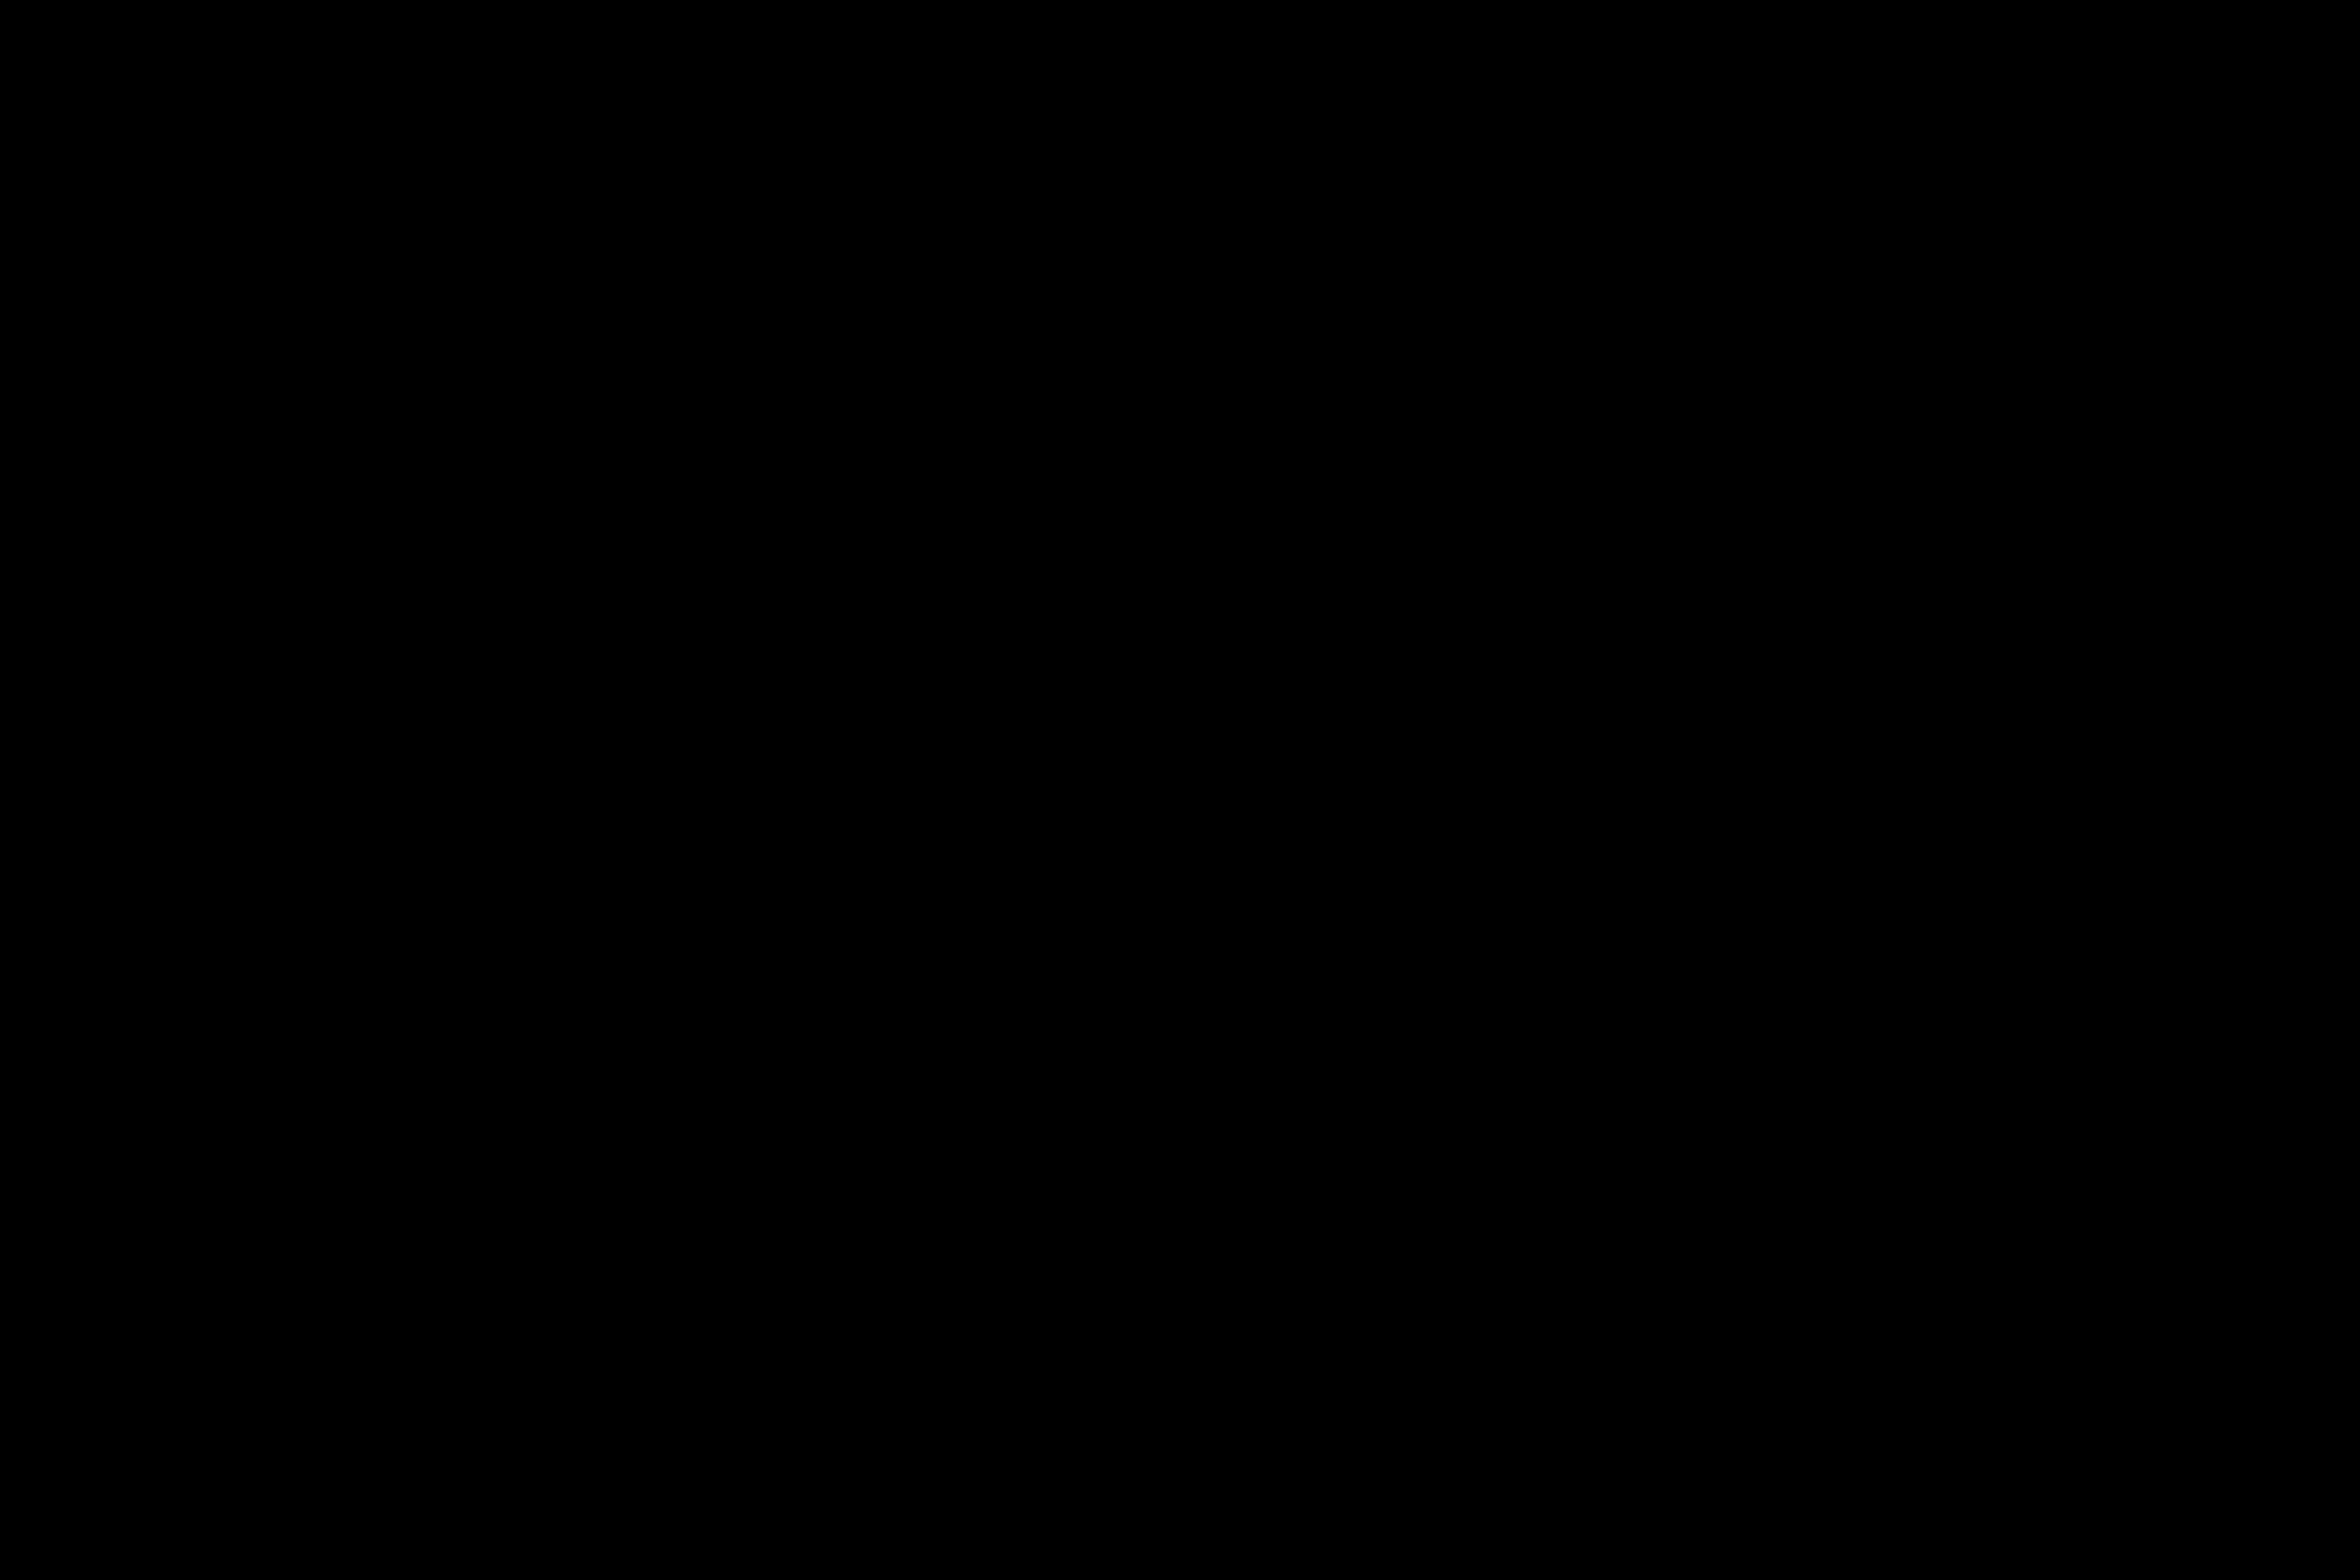 publikacje na LinkedIn mężczyzna siedzi przed laptopem